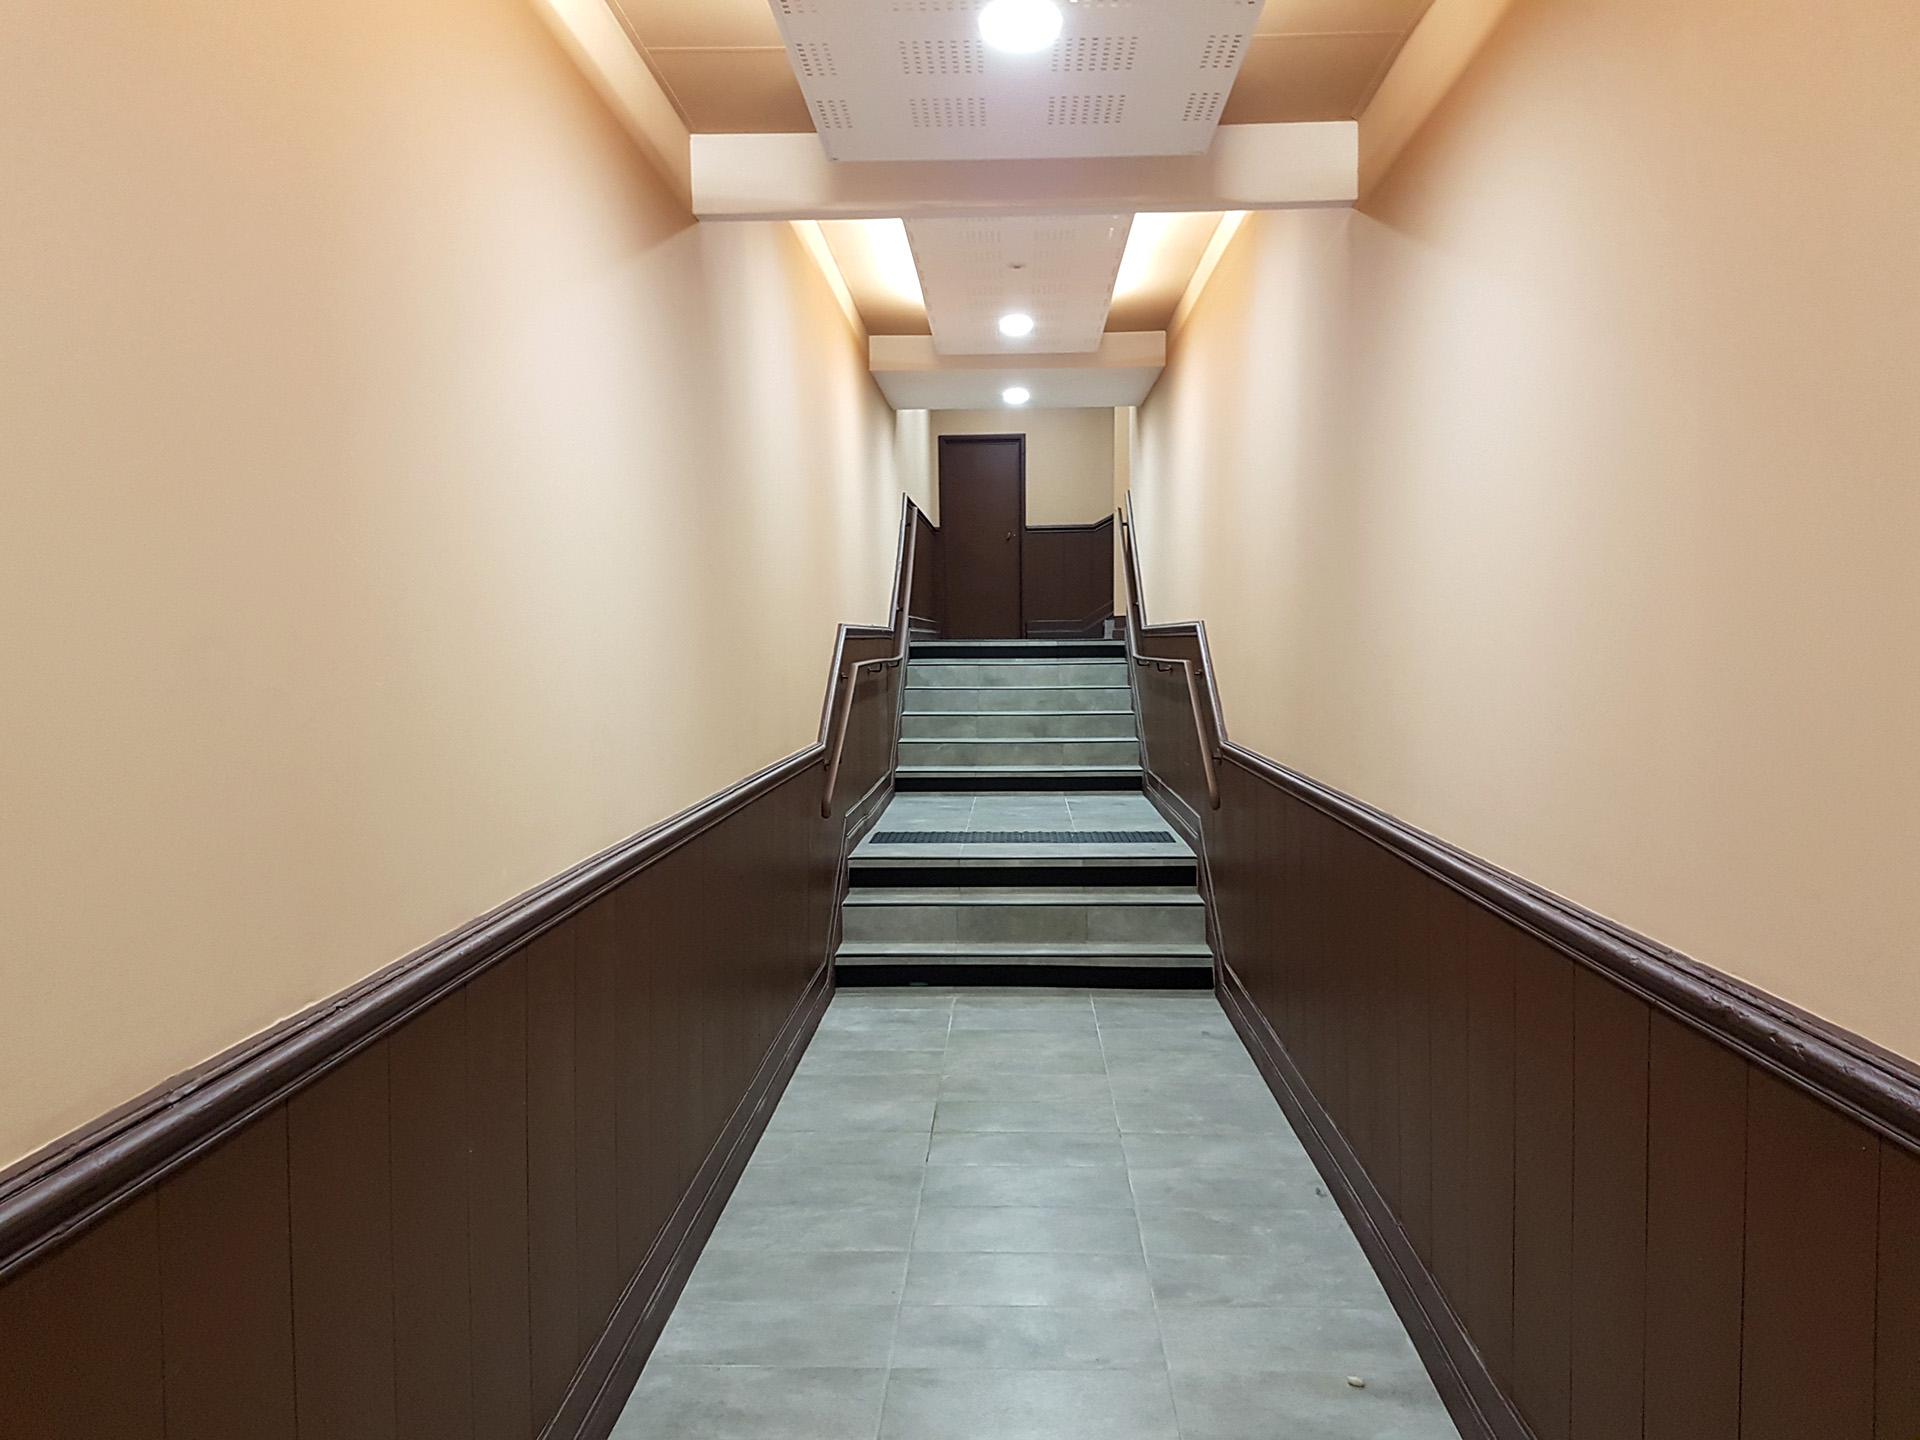 lhenry-cote-deco-decoration-d-un-immeuble-003-1